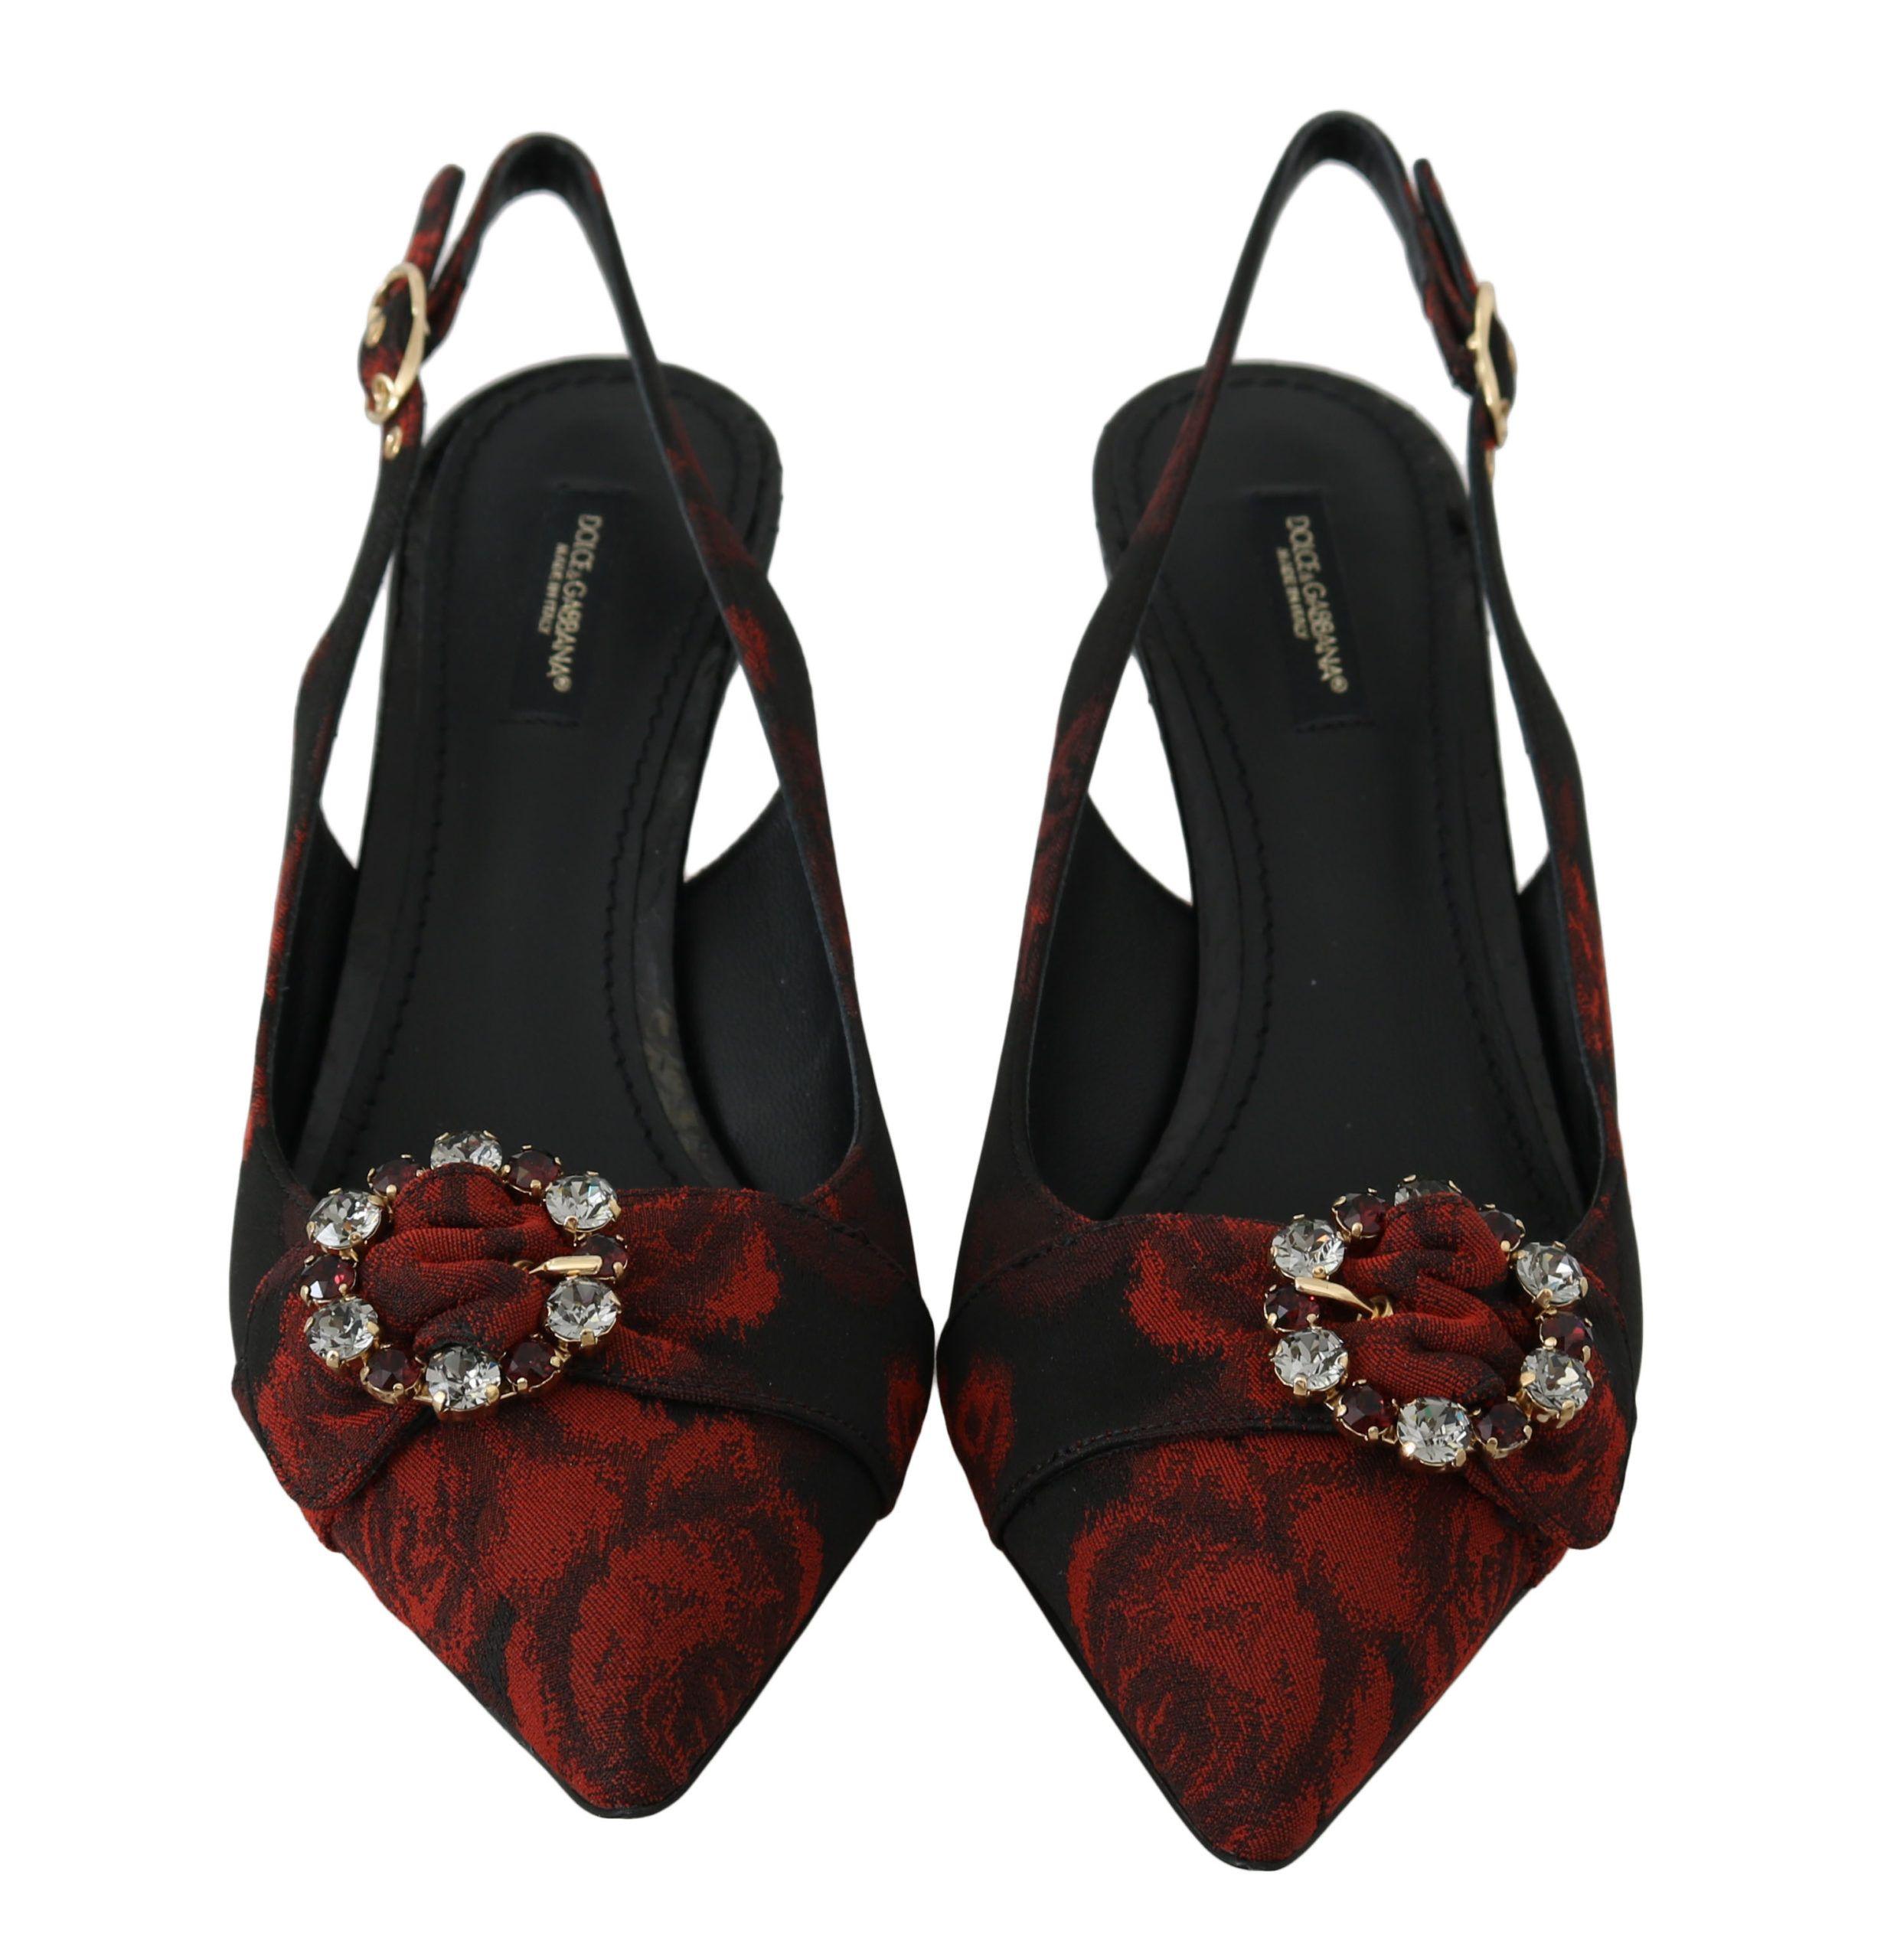 Dolce & Gabbana Black Waistcoat Formal Gilet Wool Vest